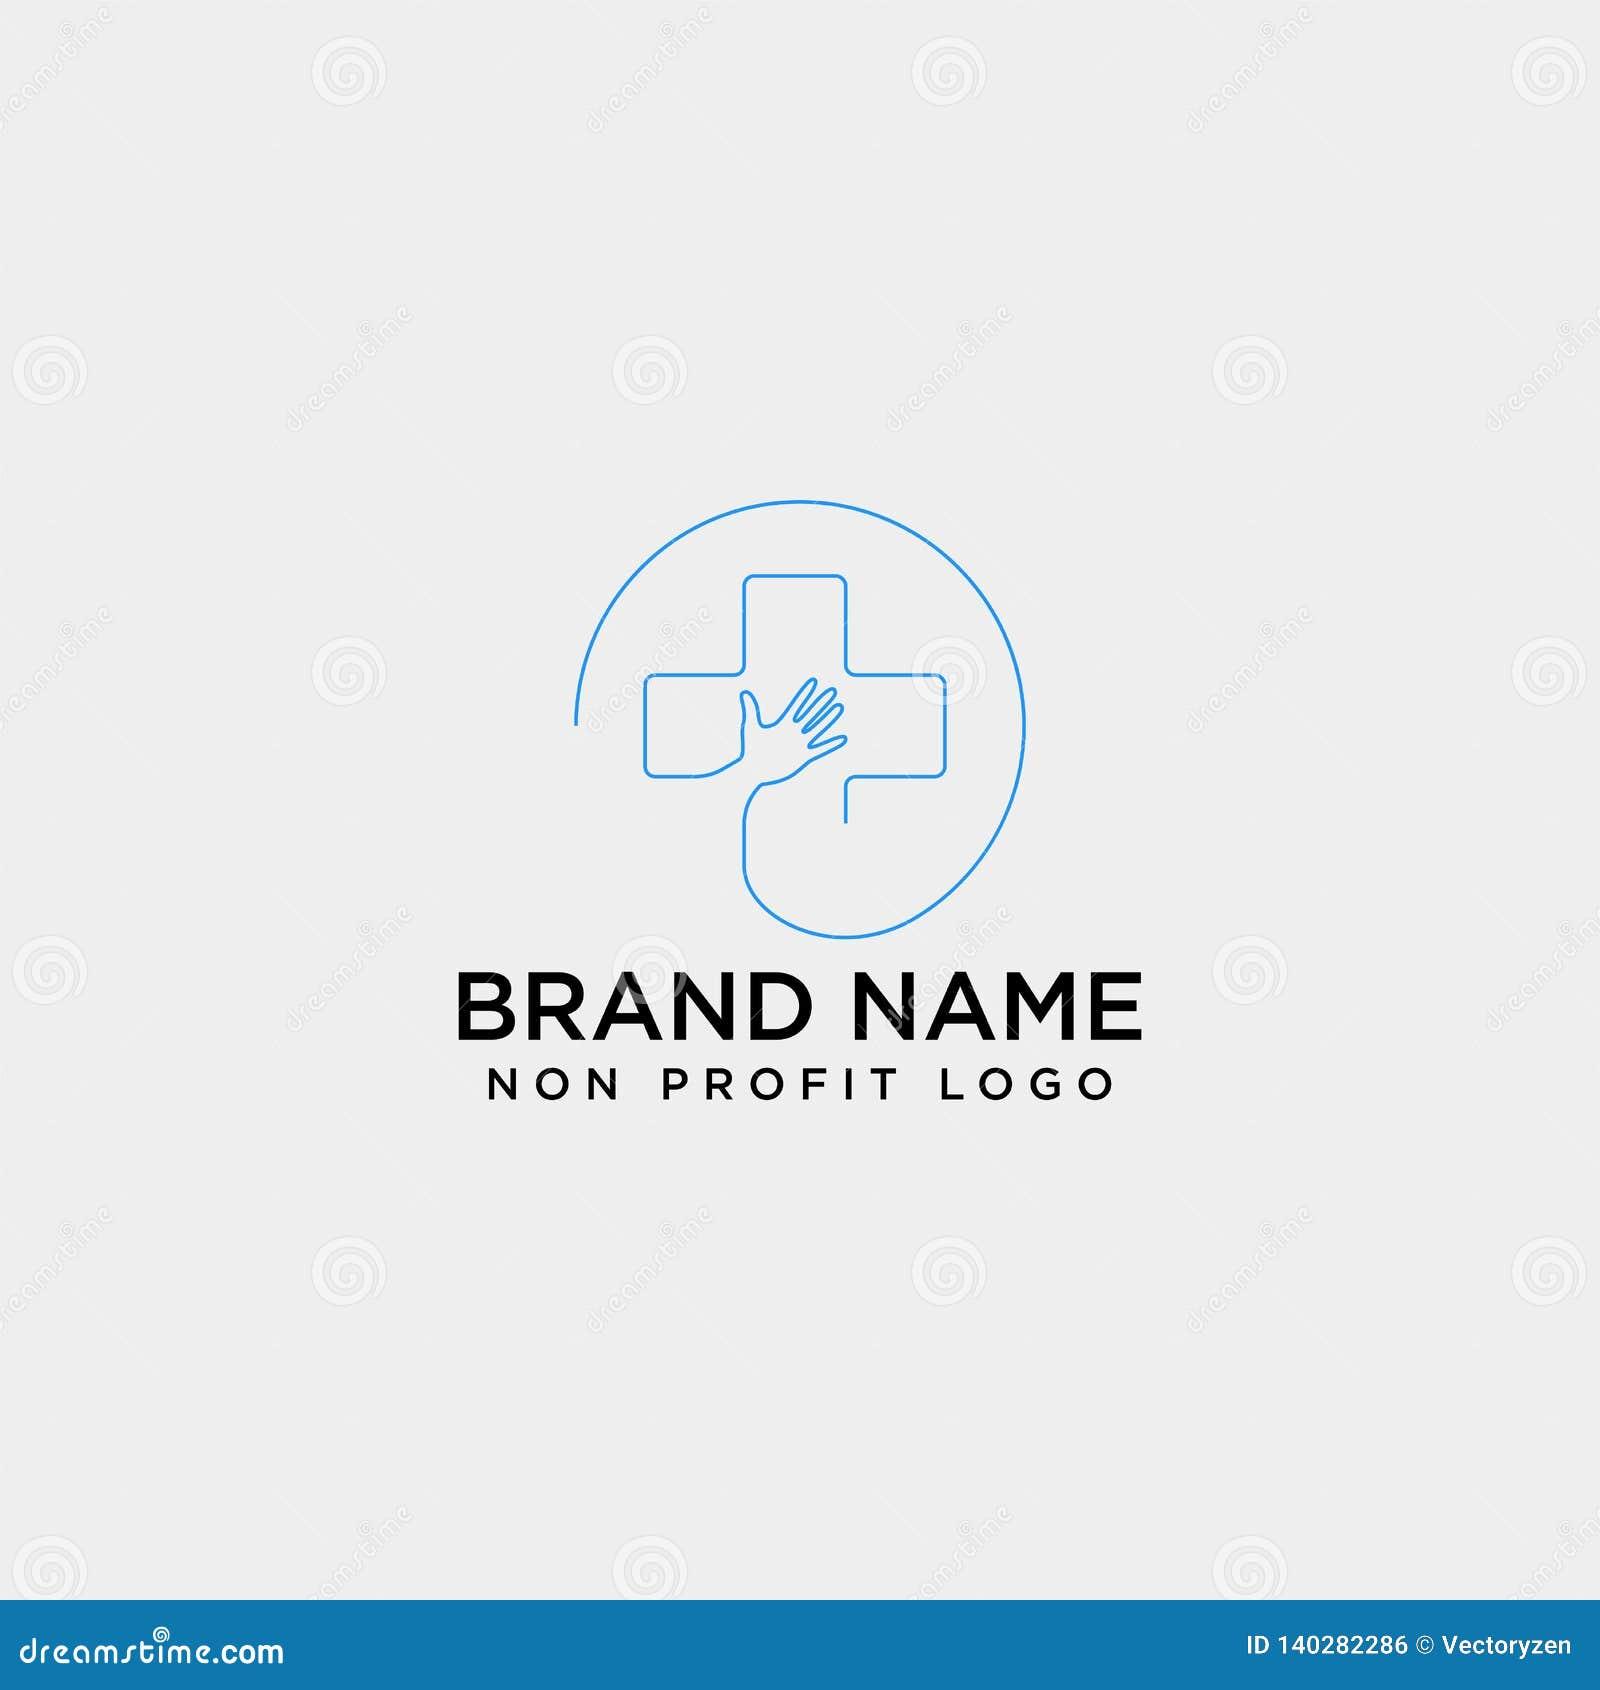 διαγώνια απεικόνιση προτύπων λογότυπων υγειονομικής περίθαλψης χεριών ιατρική